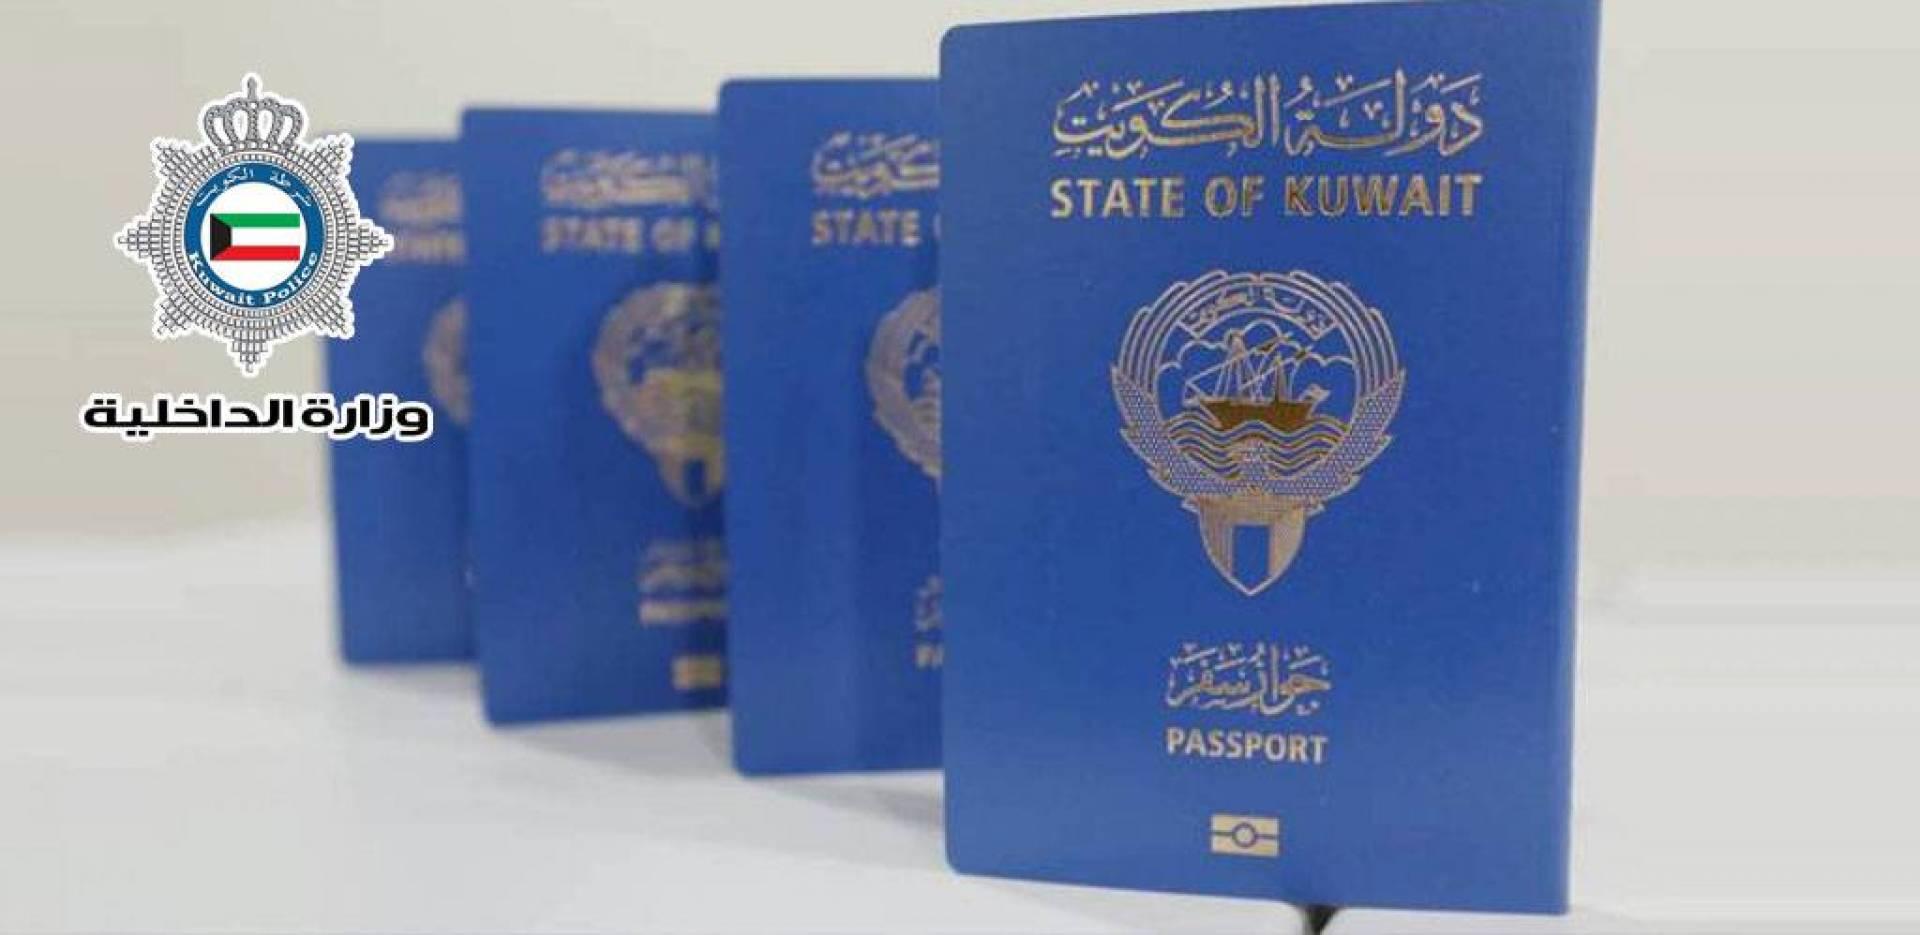 «الداخلية» تمدد صلاحية جواز السفر الكويتي لمن بلغ 21 عاماً